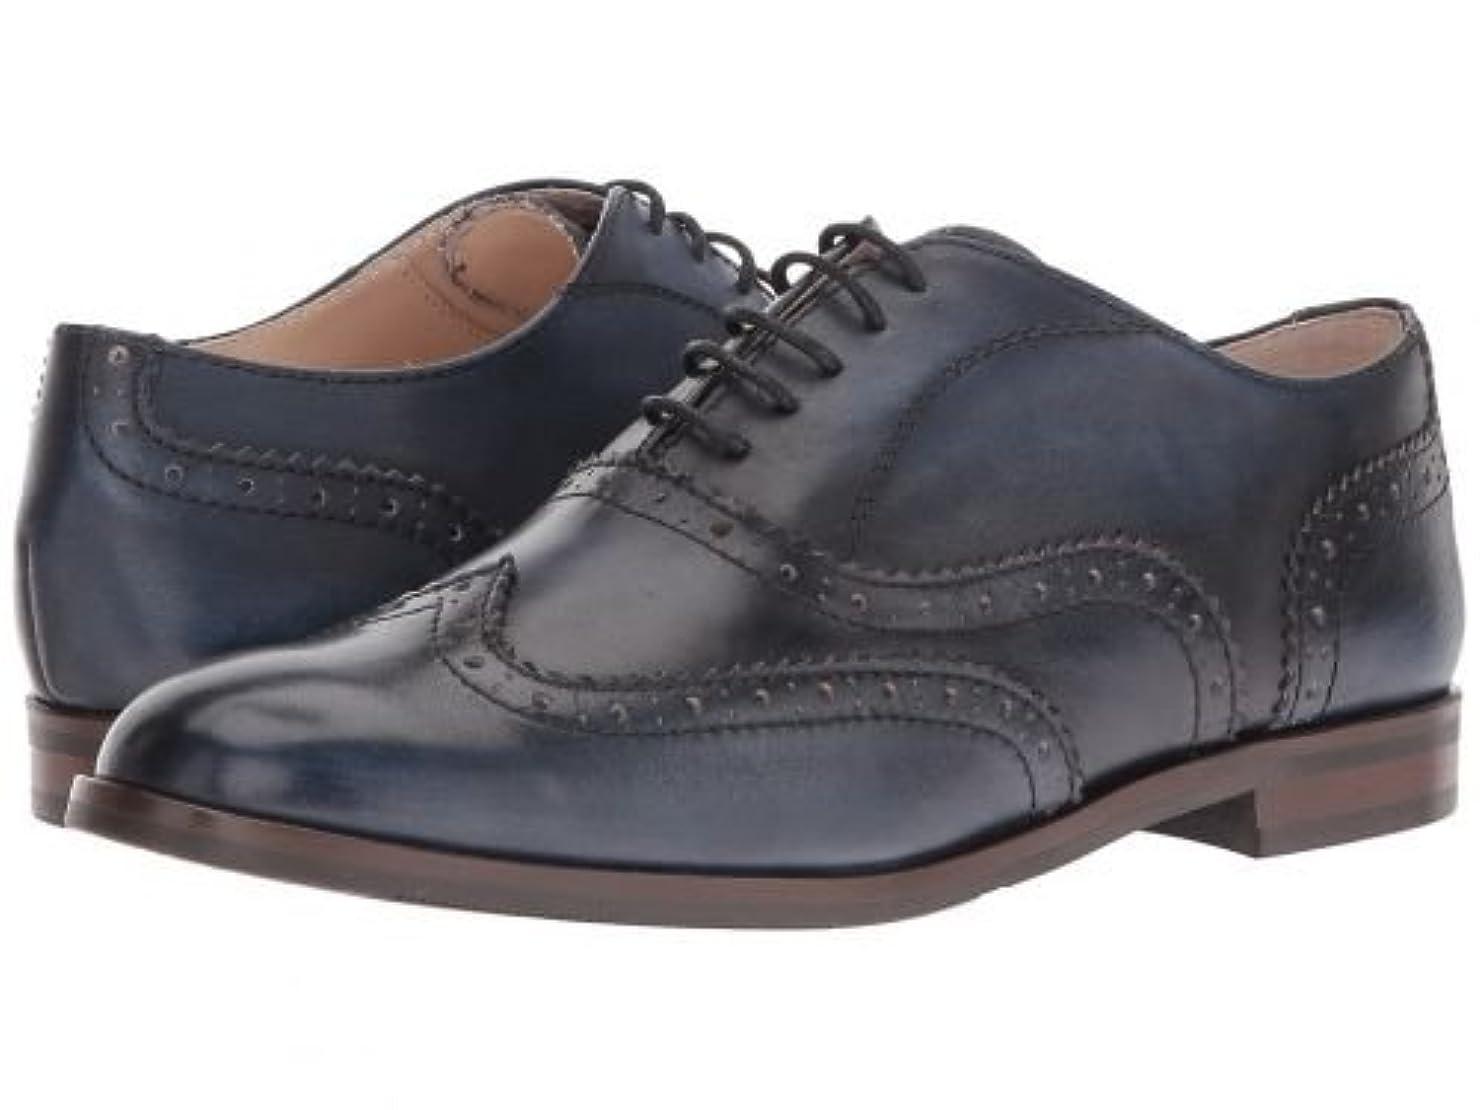 ゴミ翻訳する研究[マッシオマッテオ] レディース 女性用 シューズ 靴 オックスフォード 紳士靴 通勤靴 Oxford Wing Tip - Jeans [並行輸入品]